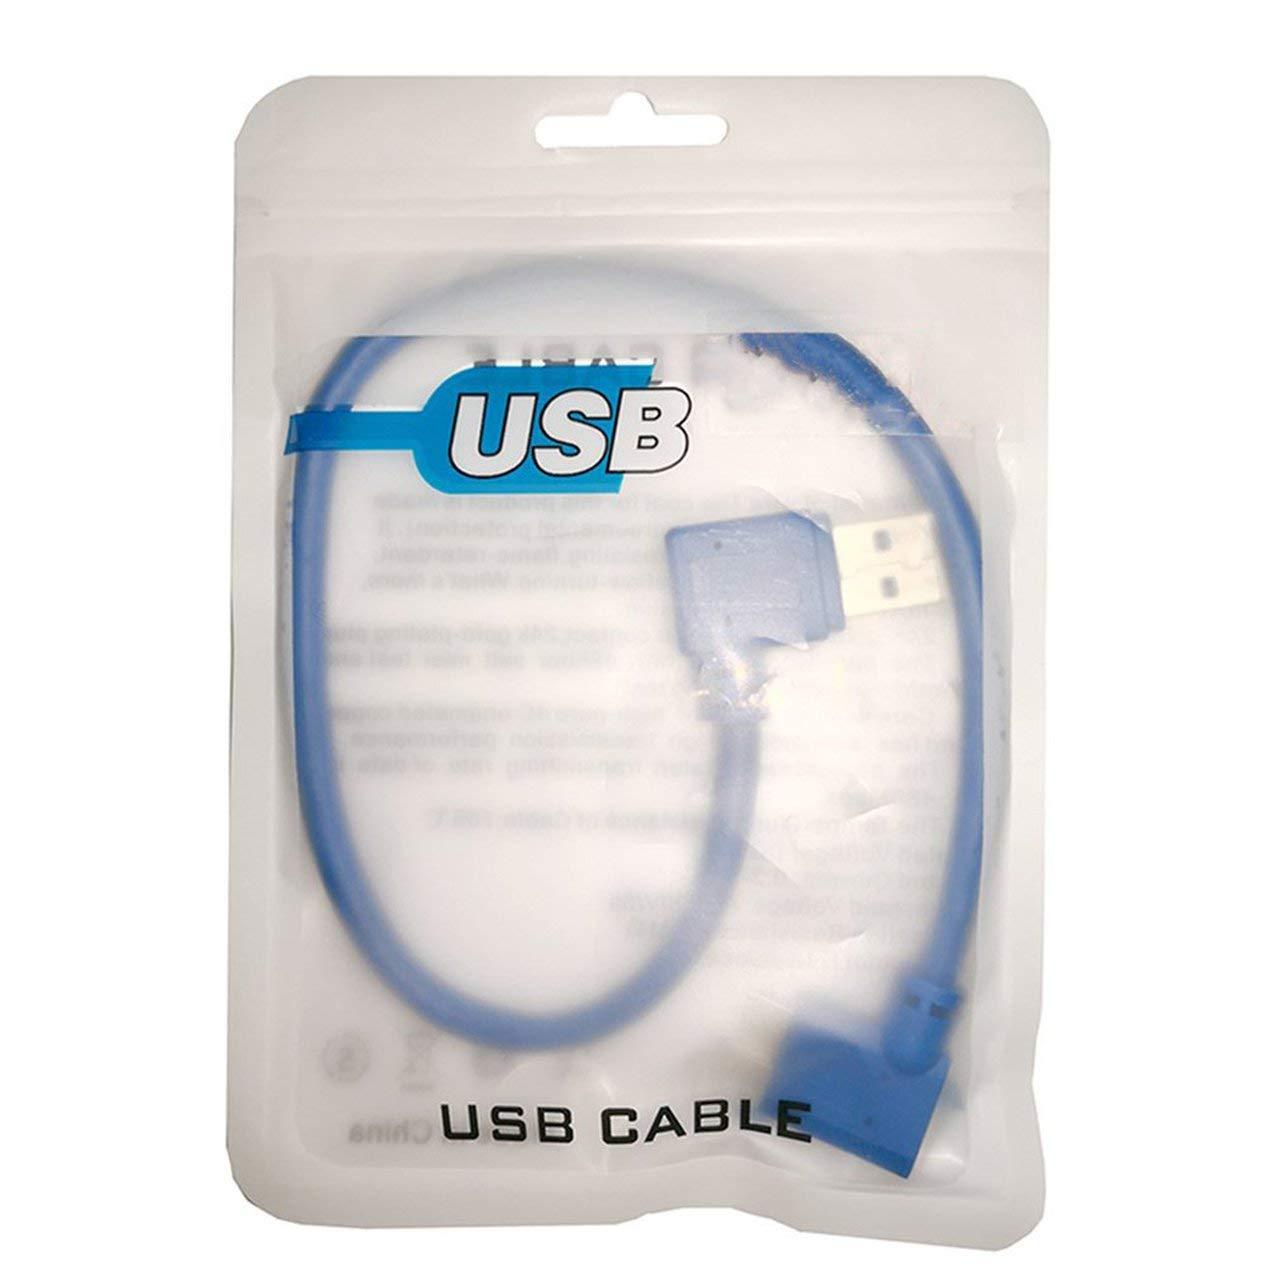 Cavo Corto per Disco Rigido USB Usb3.0 sincronizzazione Dati fITtprintse 30 cm 90 Gradi Micro B USB 3.0 ad Angolo retto